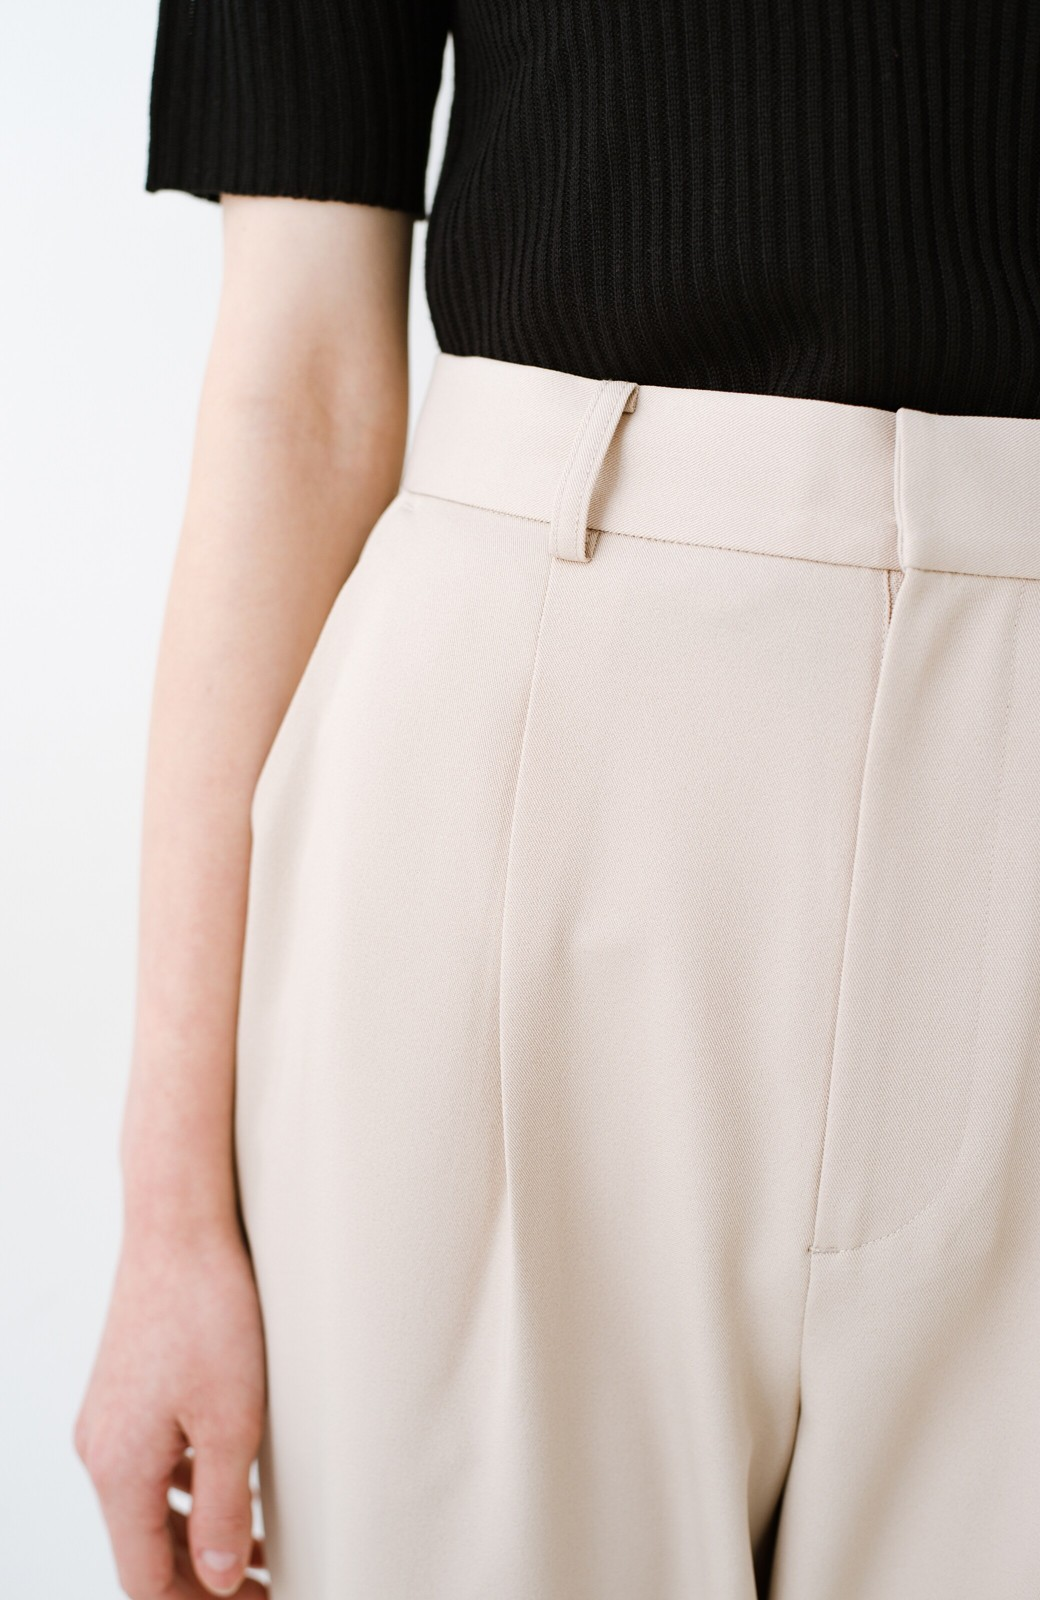 haco! いざというとき困らないための 大人のフォーマルジャケット・パンツ・スカート3点セット by que made me <ベージュ>の商品写真32